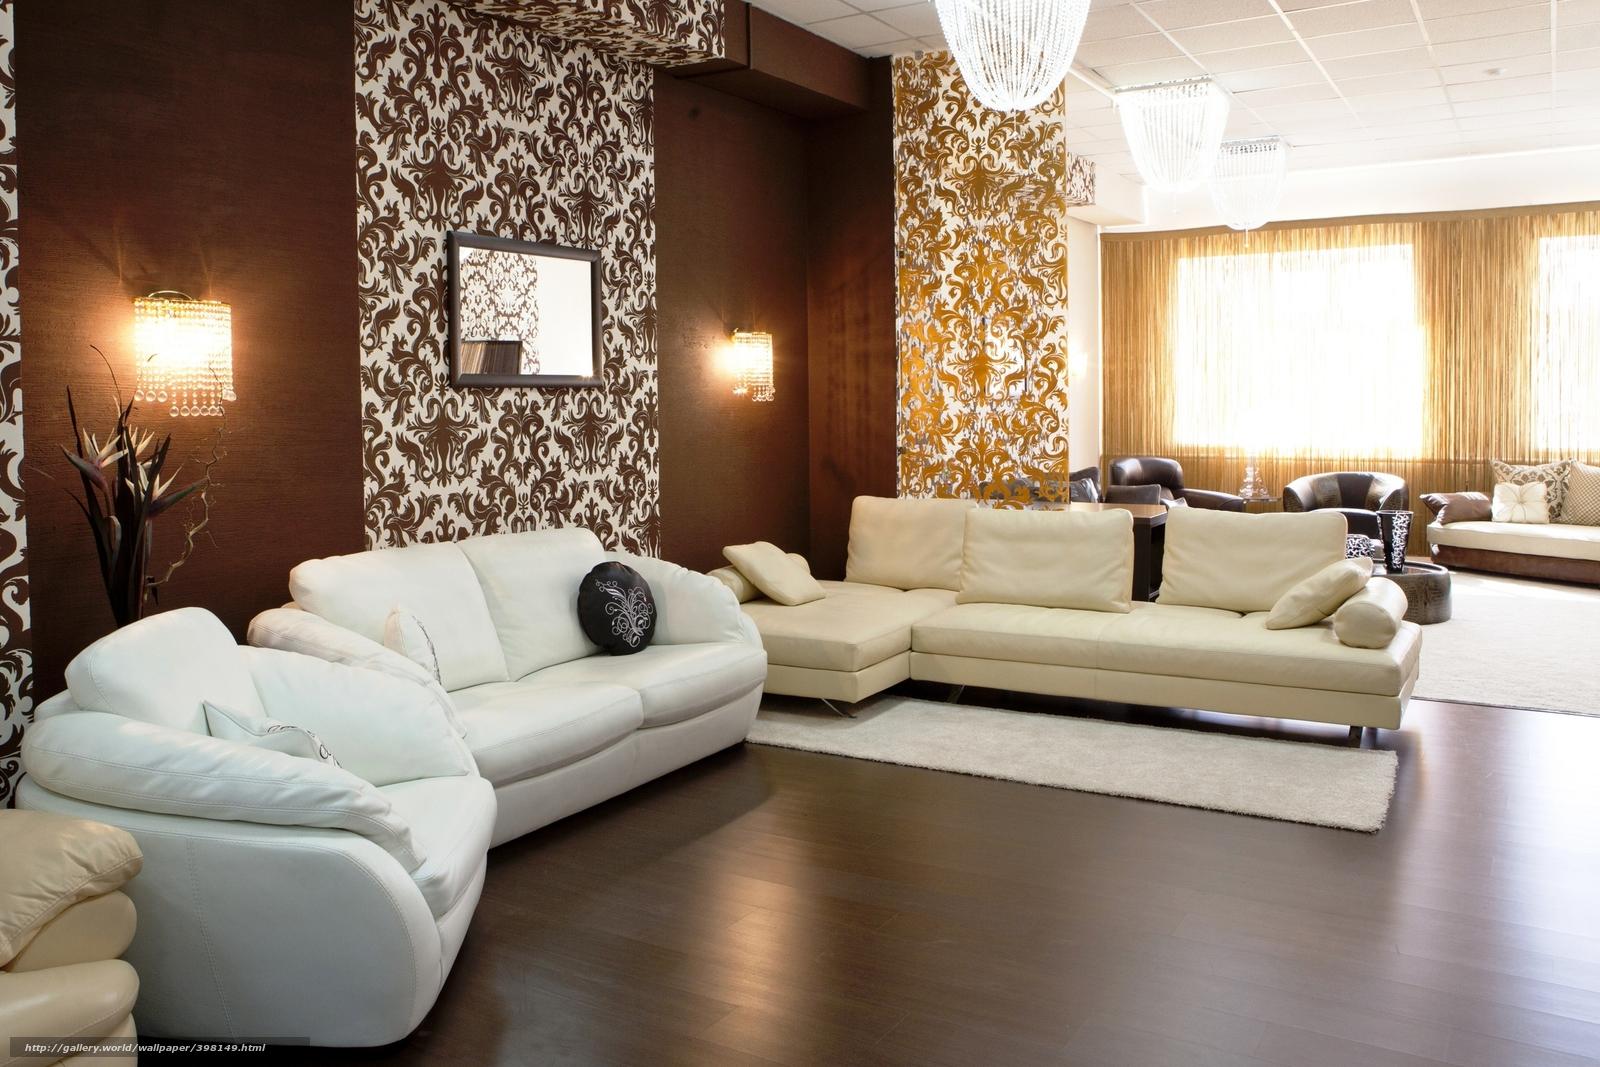 kinderzimmer pastellfarben - Wohnzimmer Tapeten Braun Beige